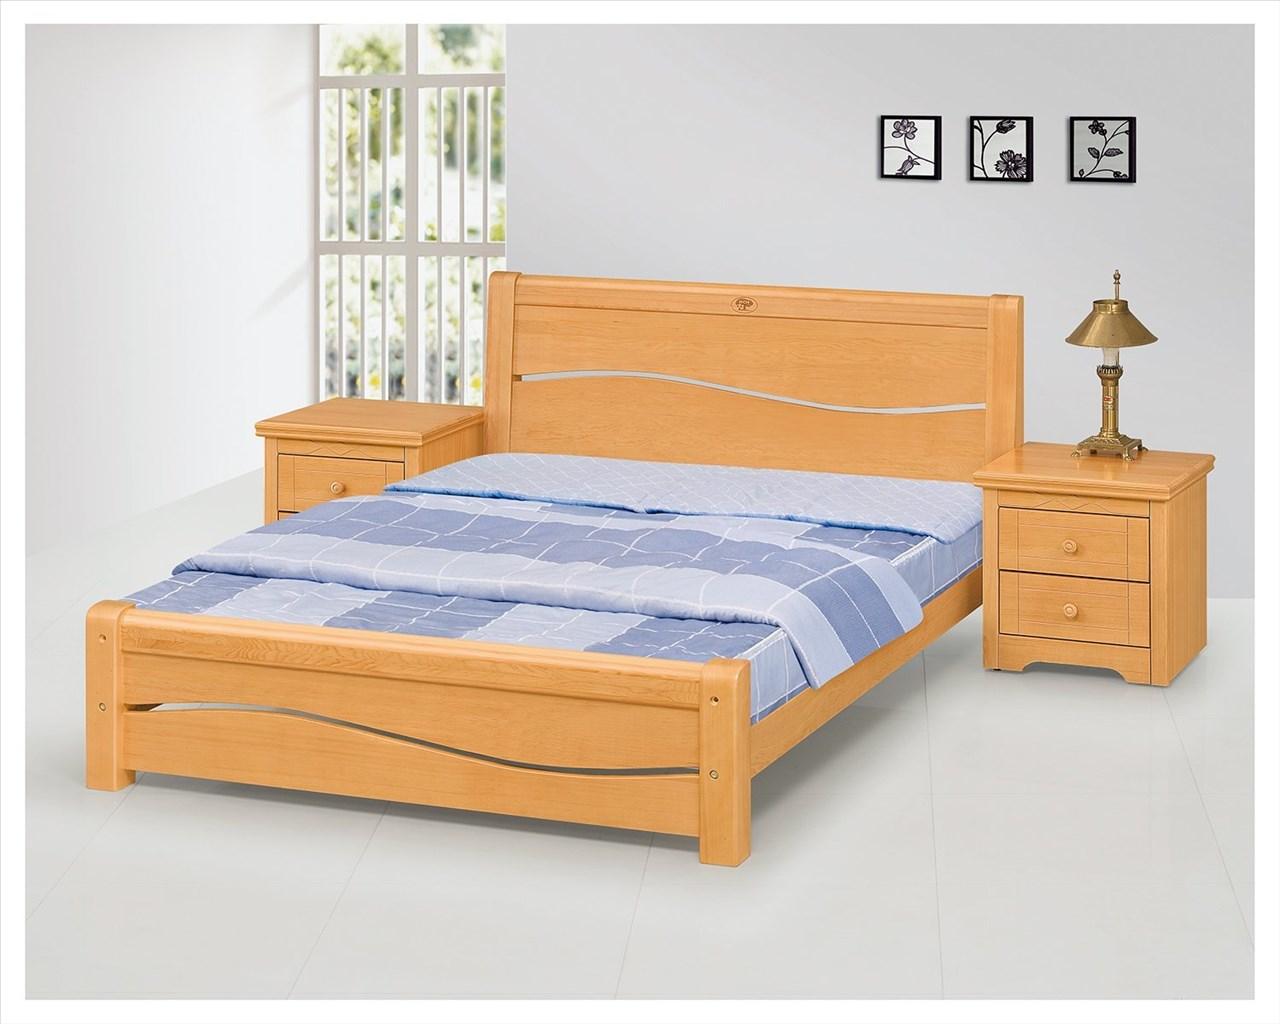 【石川家居】EF-96-1 米蘭五尺檜木色雙人床架 (不含床墊及含其他商品) 需搭配車趟